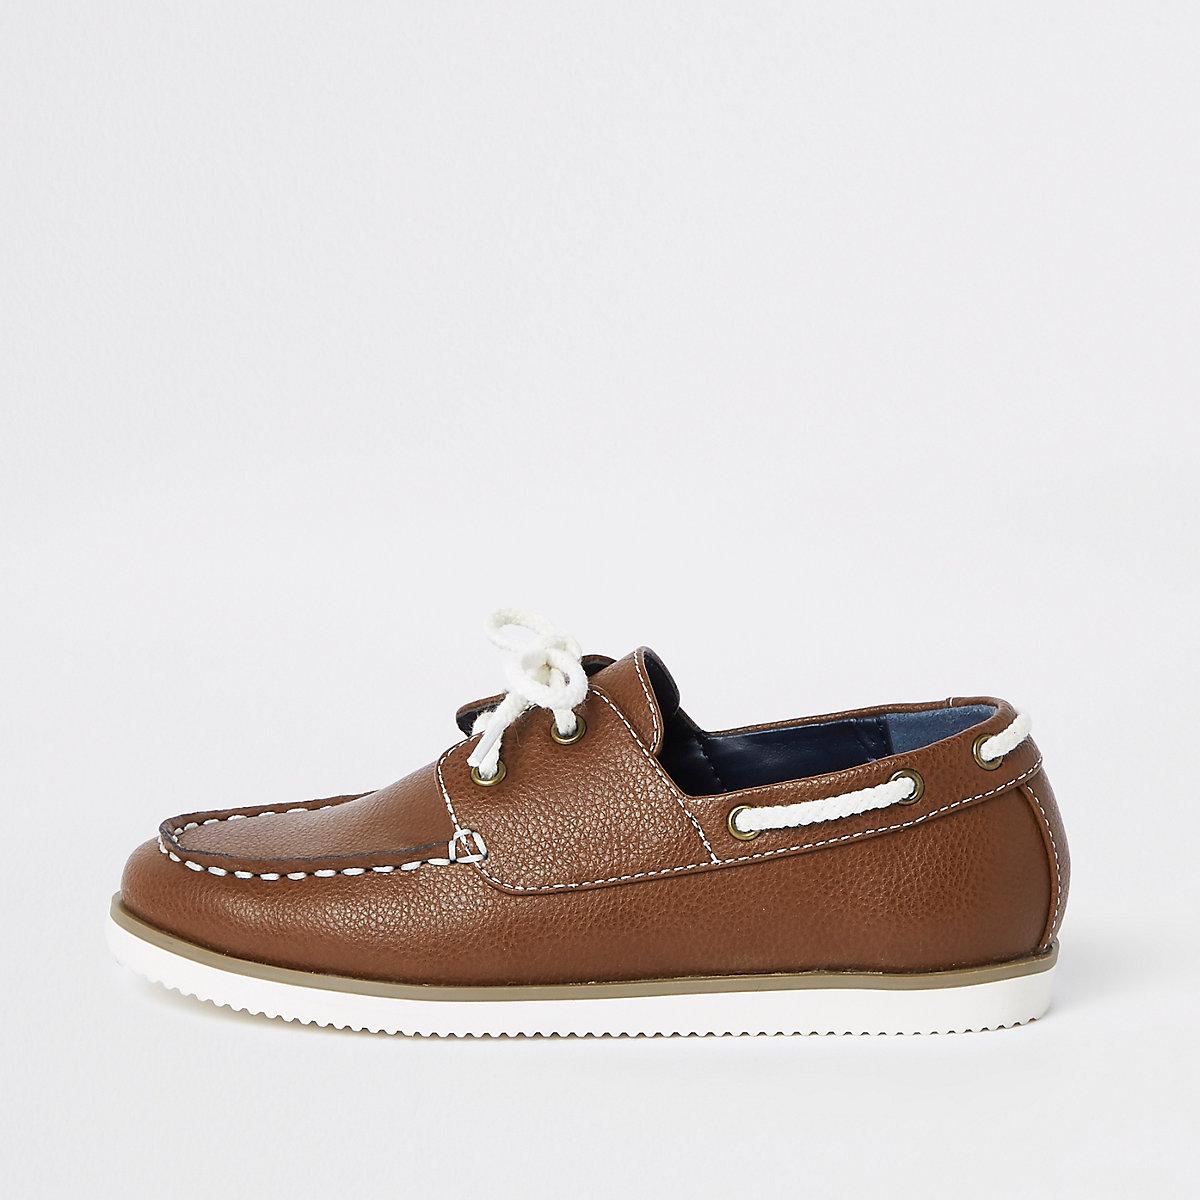 87a16ec034e Chaussures bateau fauves à lacets pour garçon - Chaussures ...